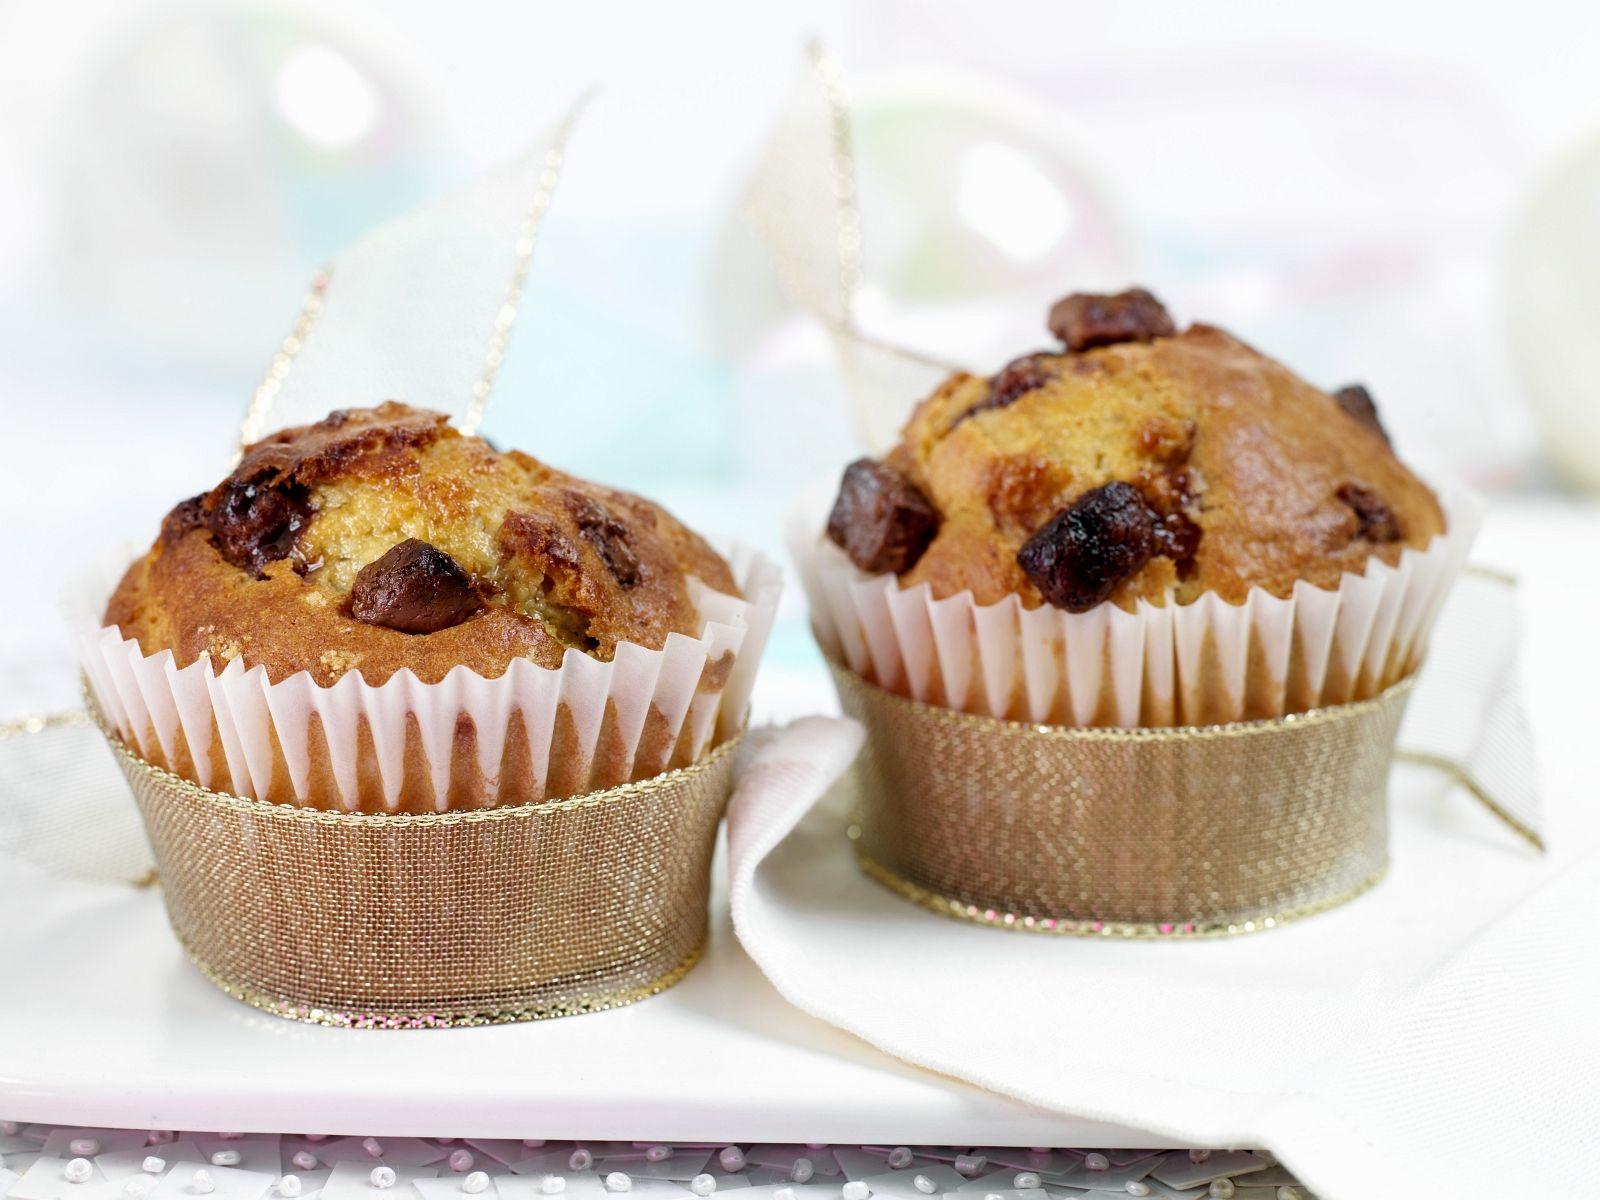 Muffins Mit Schokostuckchen Rezept Schokostuckchen Muffins Mit Schokostuckchen Orangenmuffins